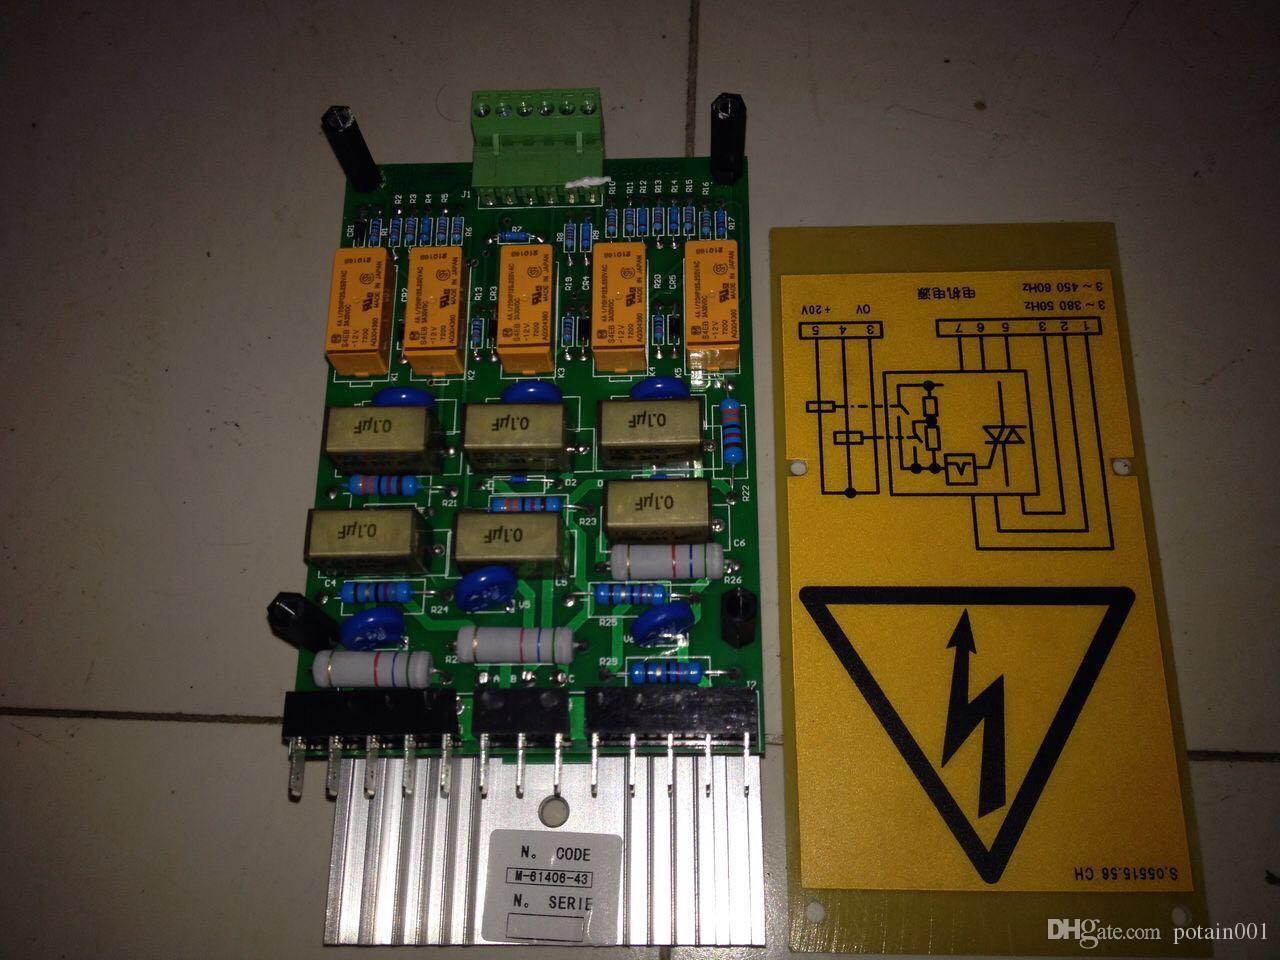 potain tower crane mc range spare parts U601X/ U602X RCV VAC OMD BLOCK m-61406-43 mc200 mc275